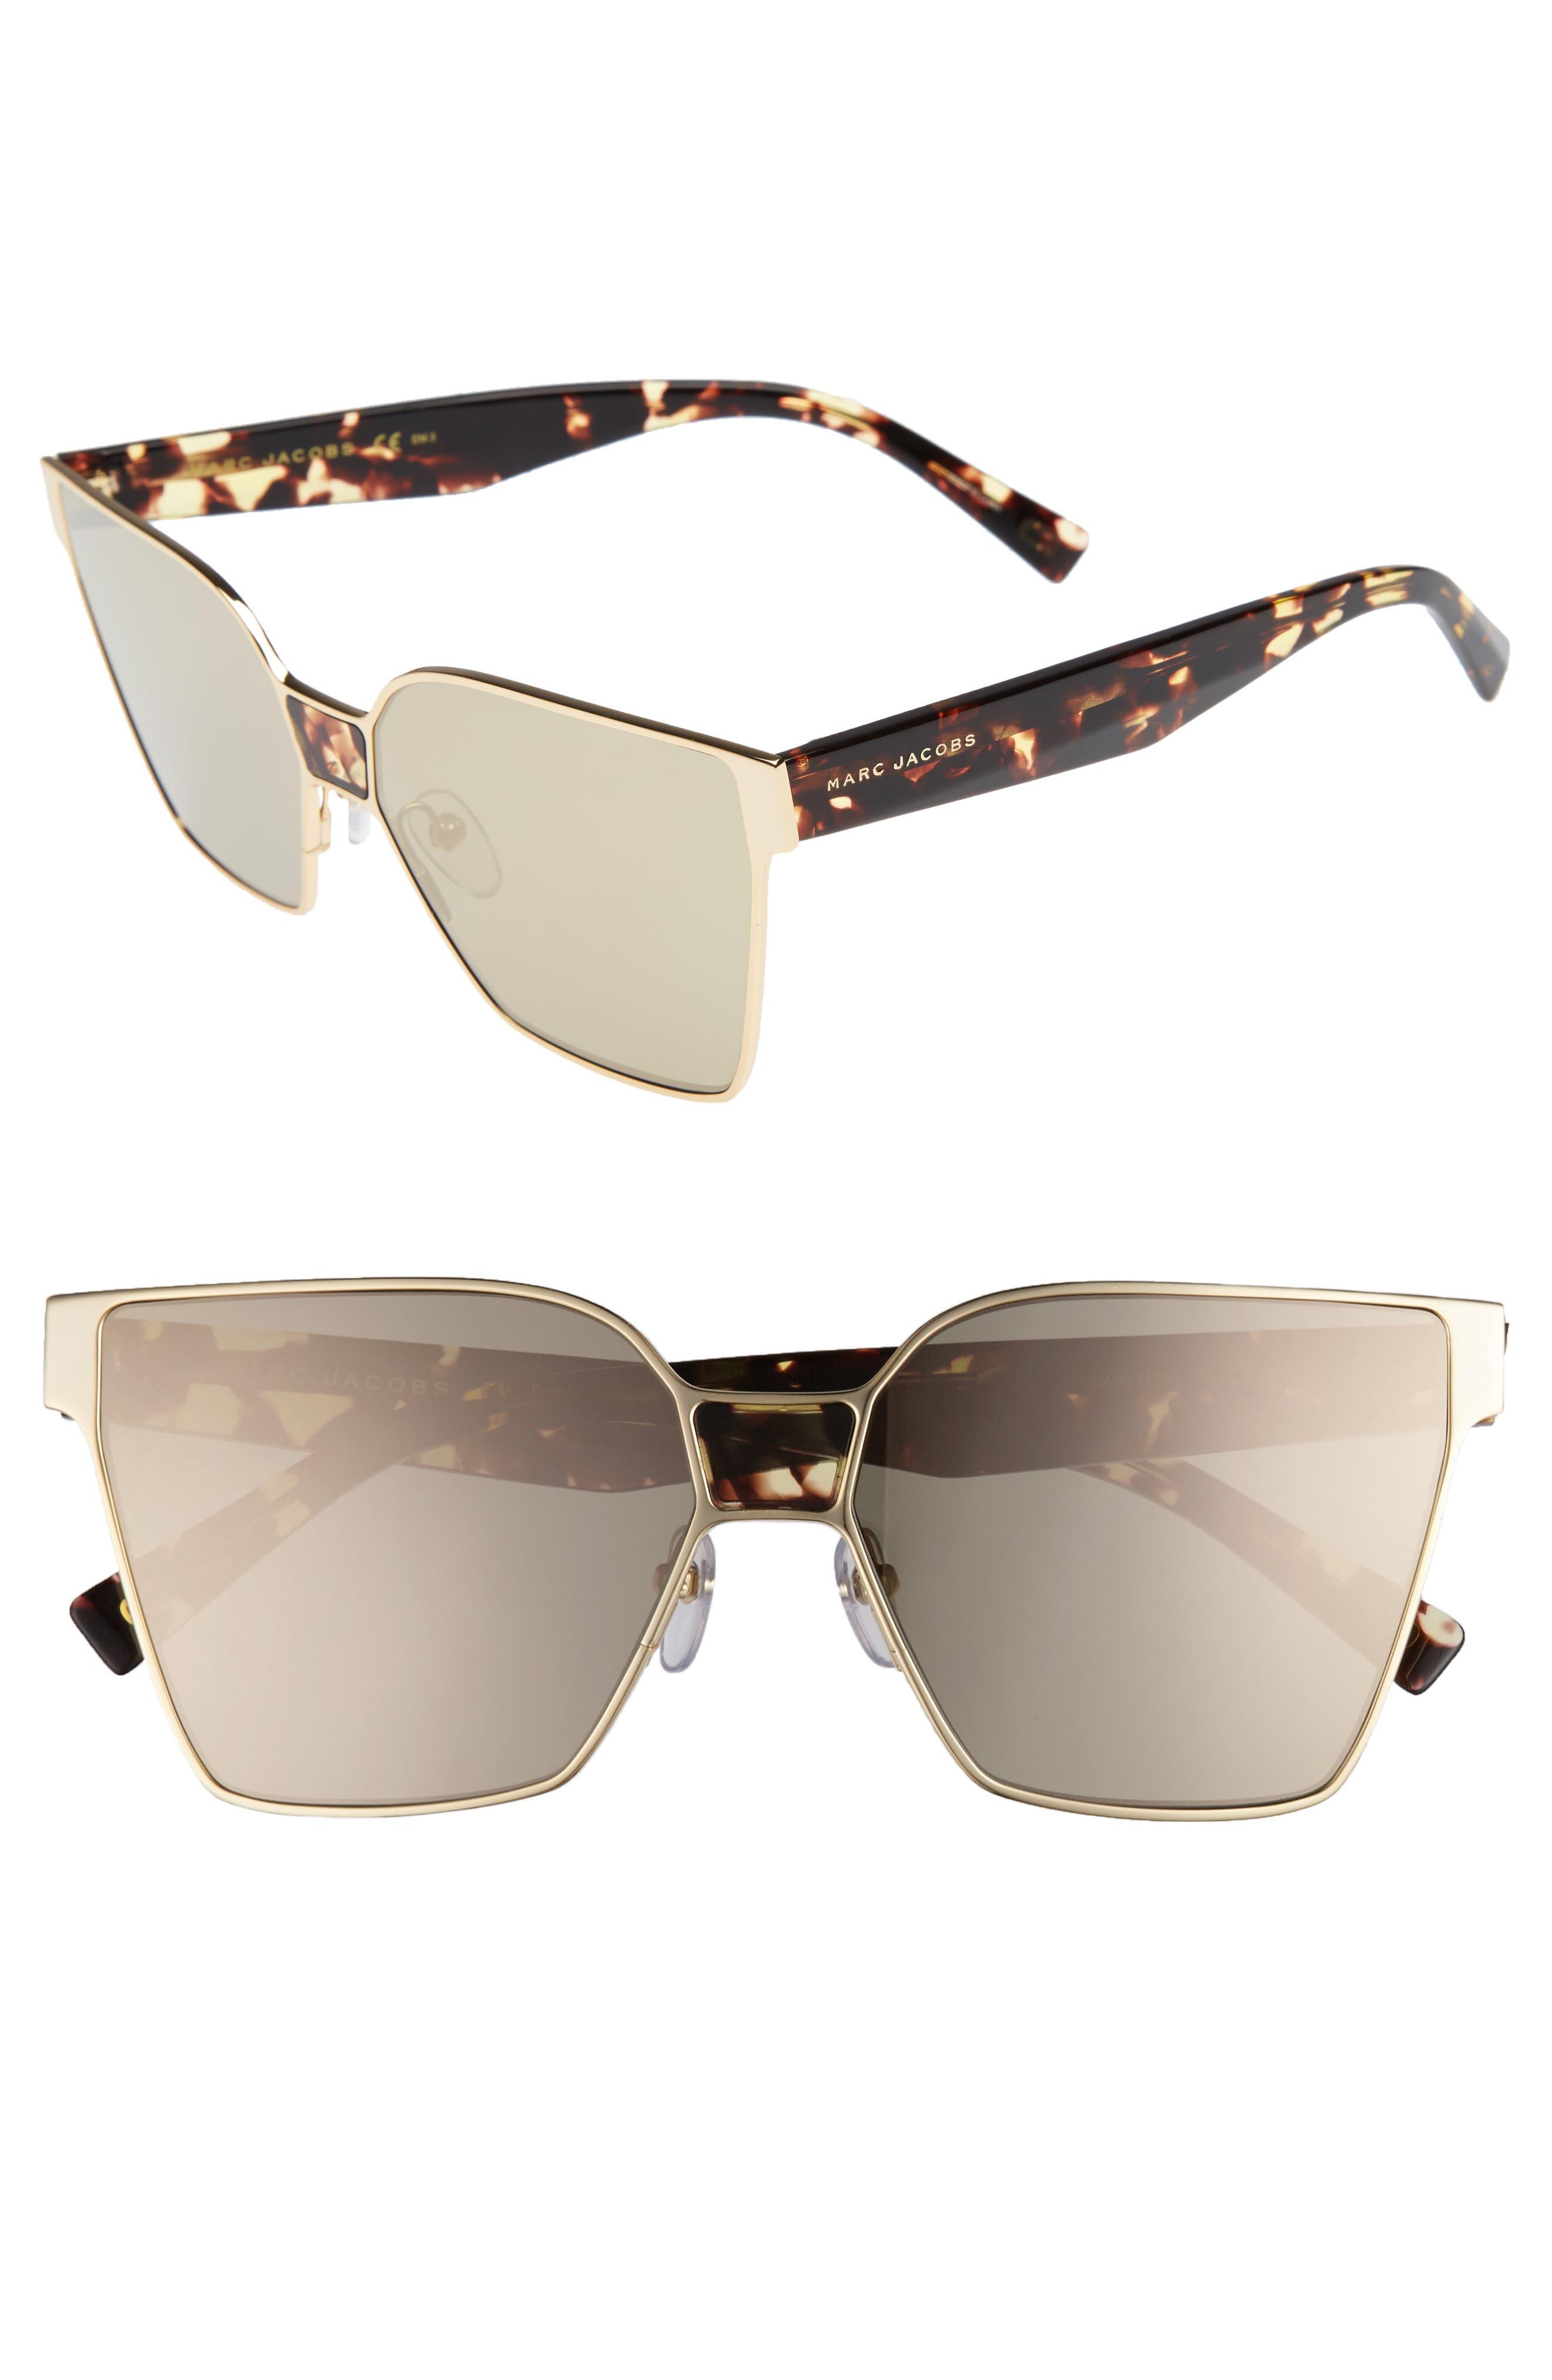 60mm Square Sunglasses,                         Main,                         color,